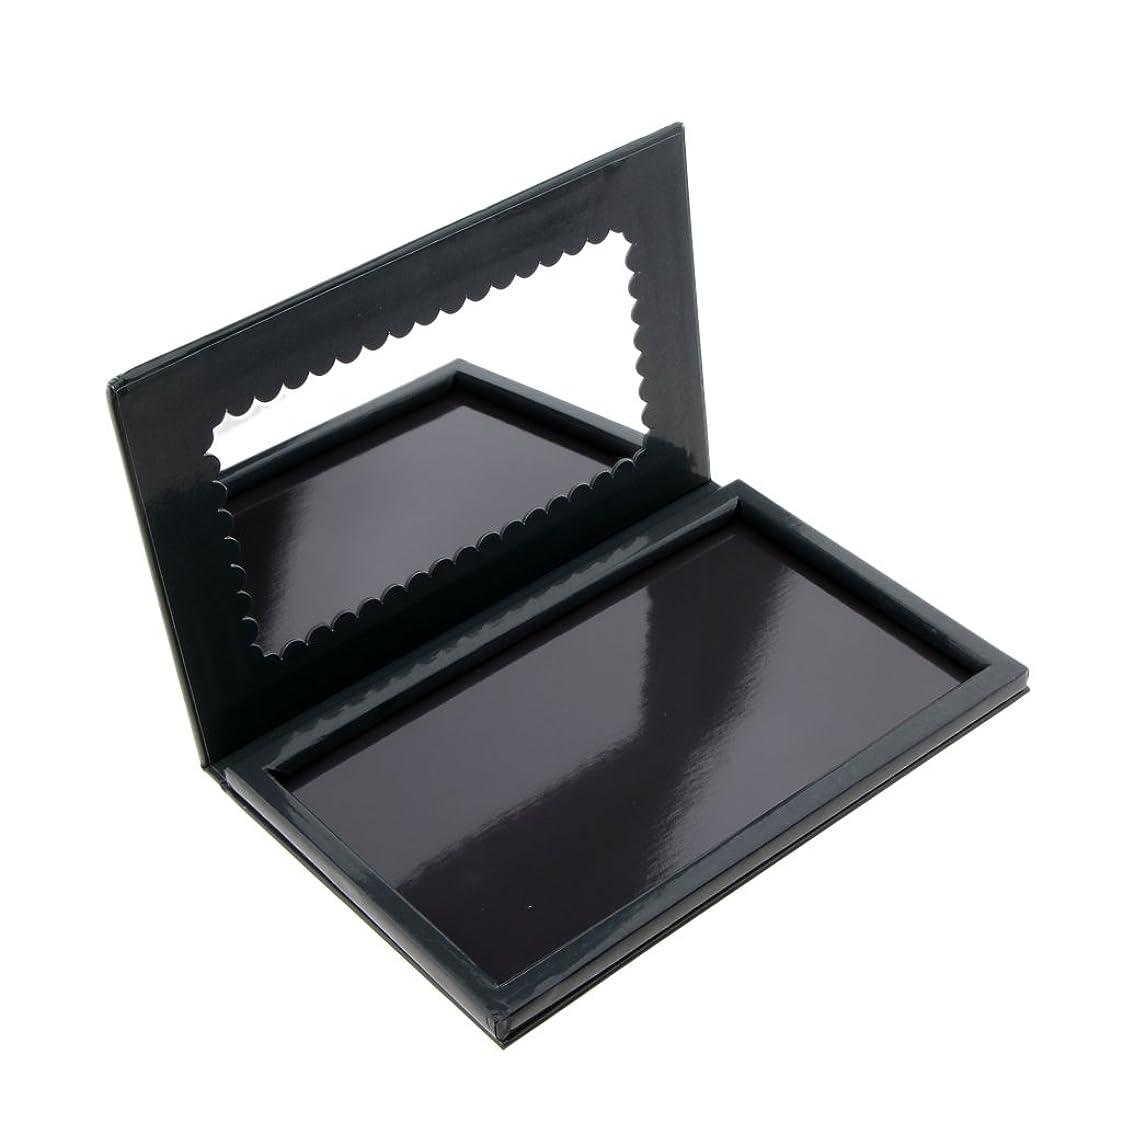 Homyl メイクアップパレット 磁気パレット コスメ 詰替え DIY 収納 ボックス メイクアップ